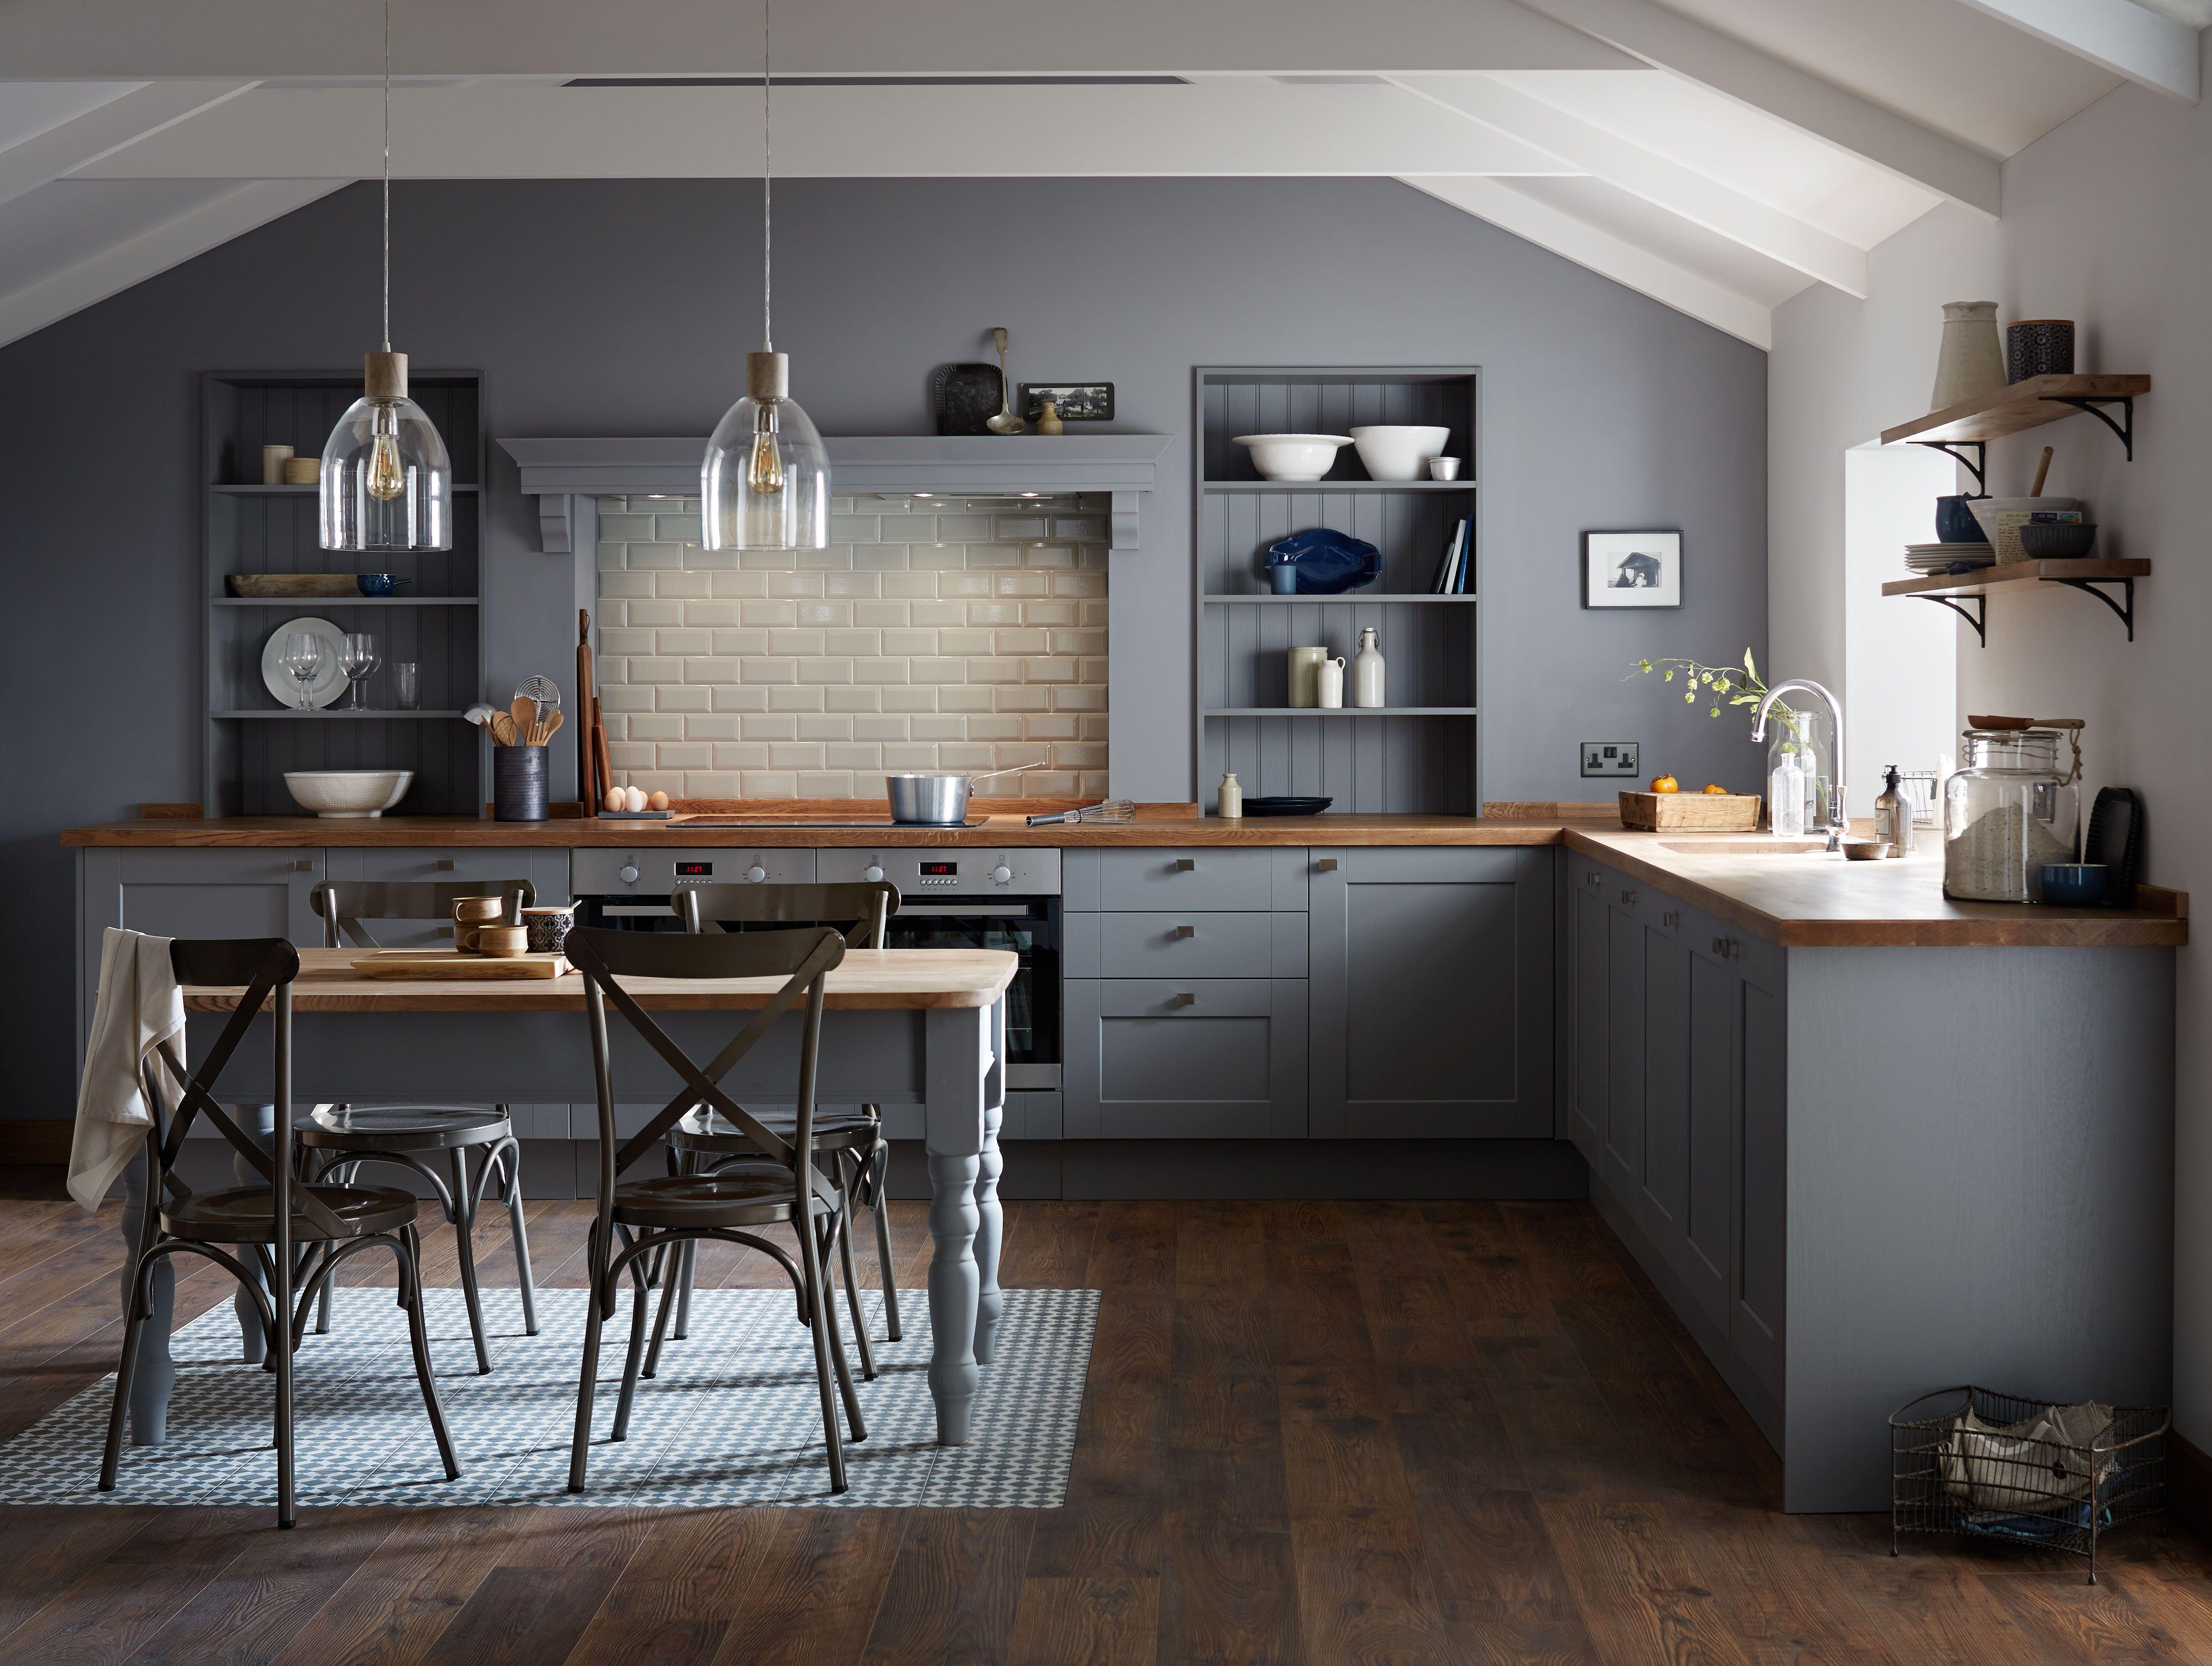 Kitchens Grey kitchen designs, Grey shaker kitchen